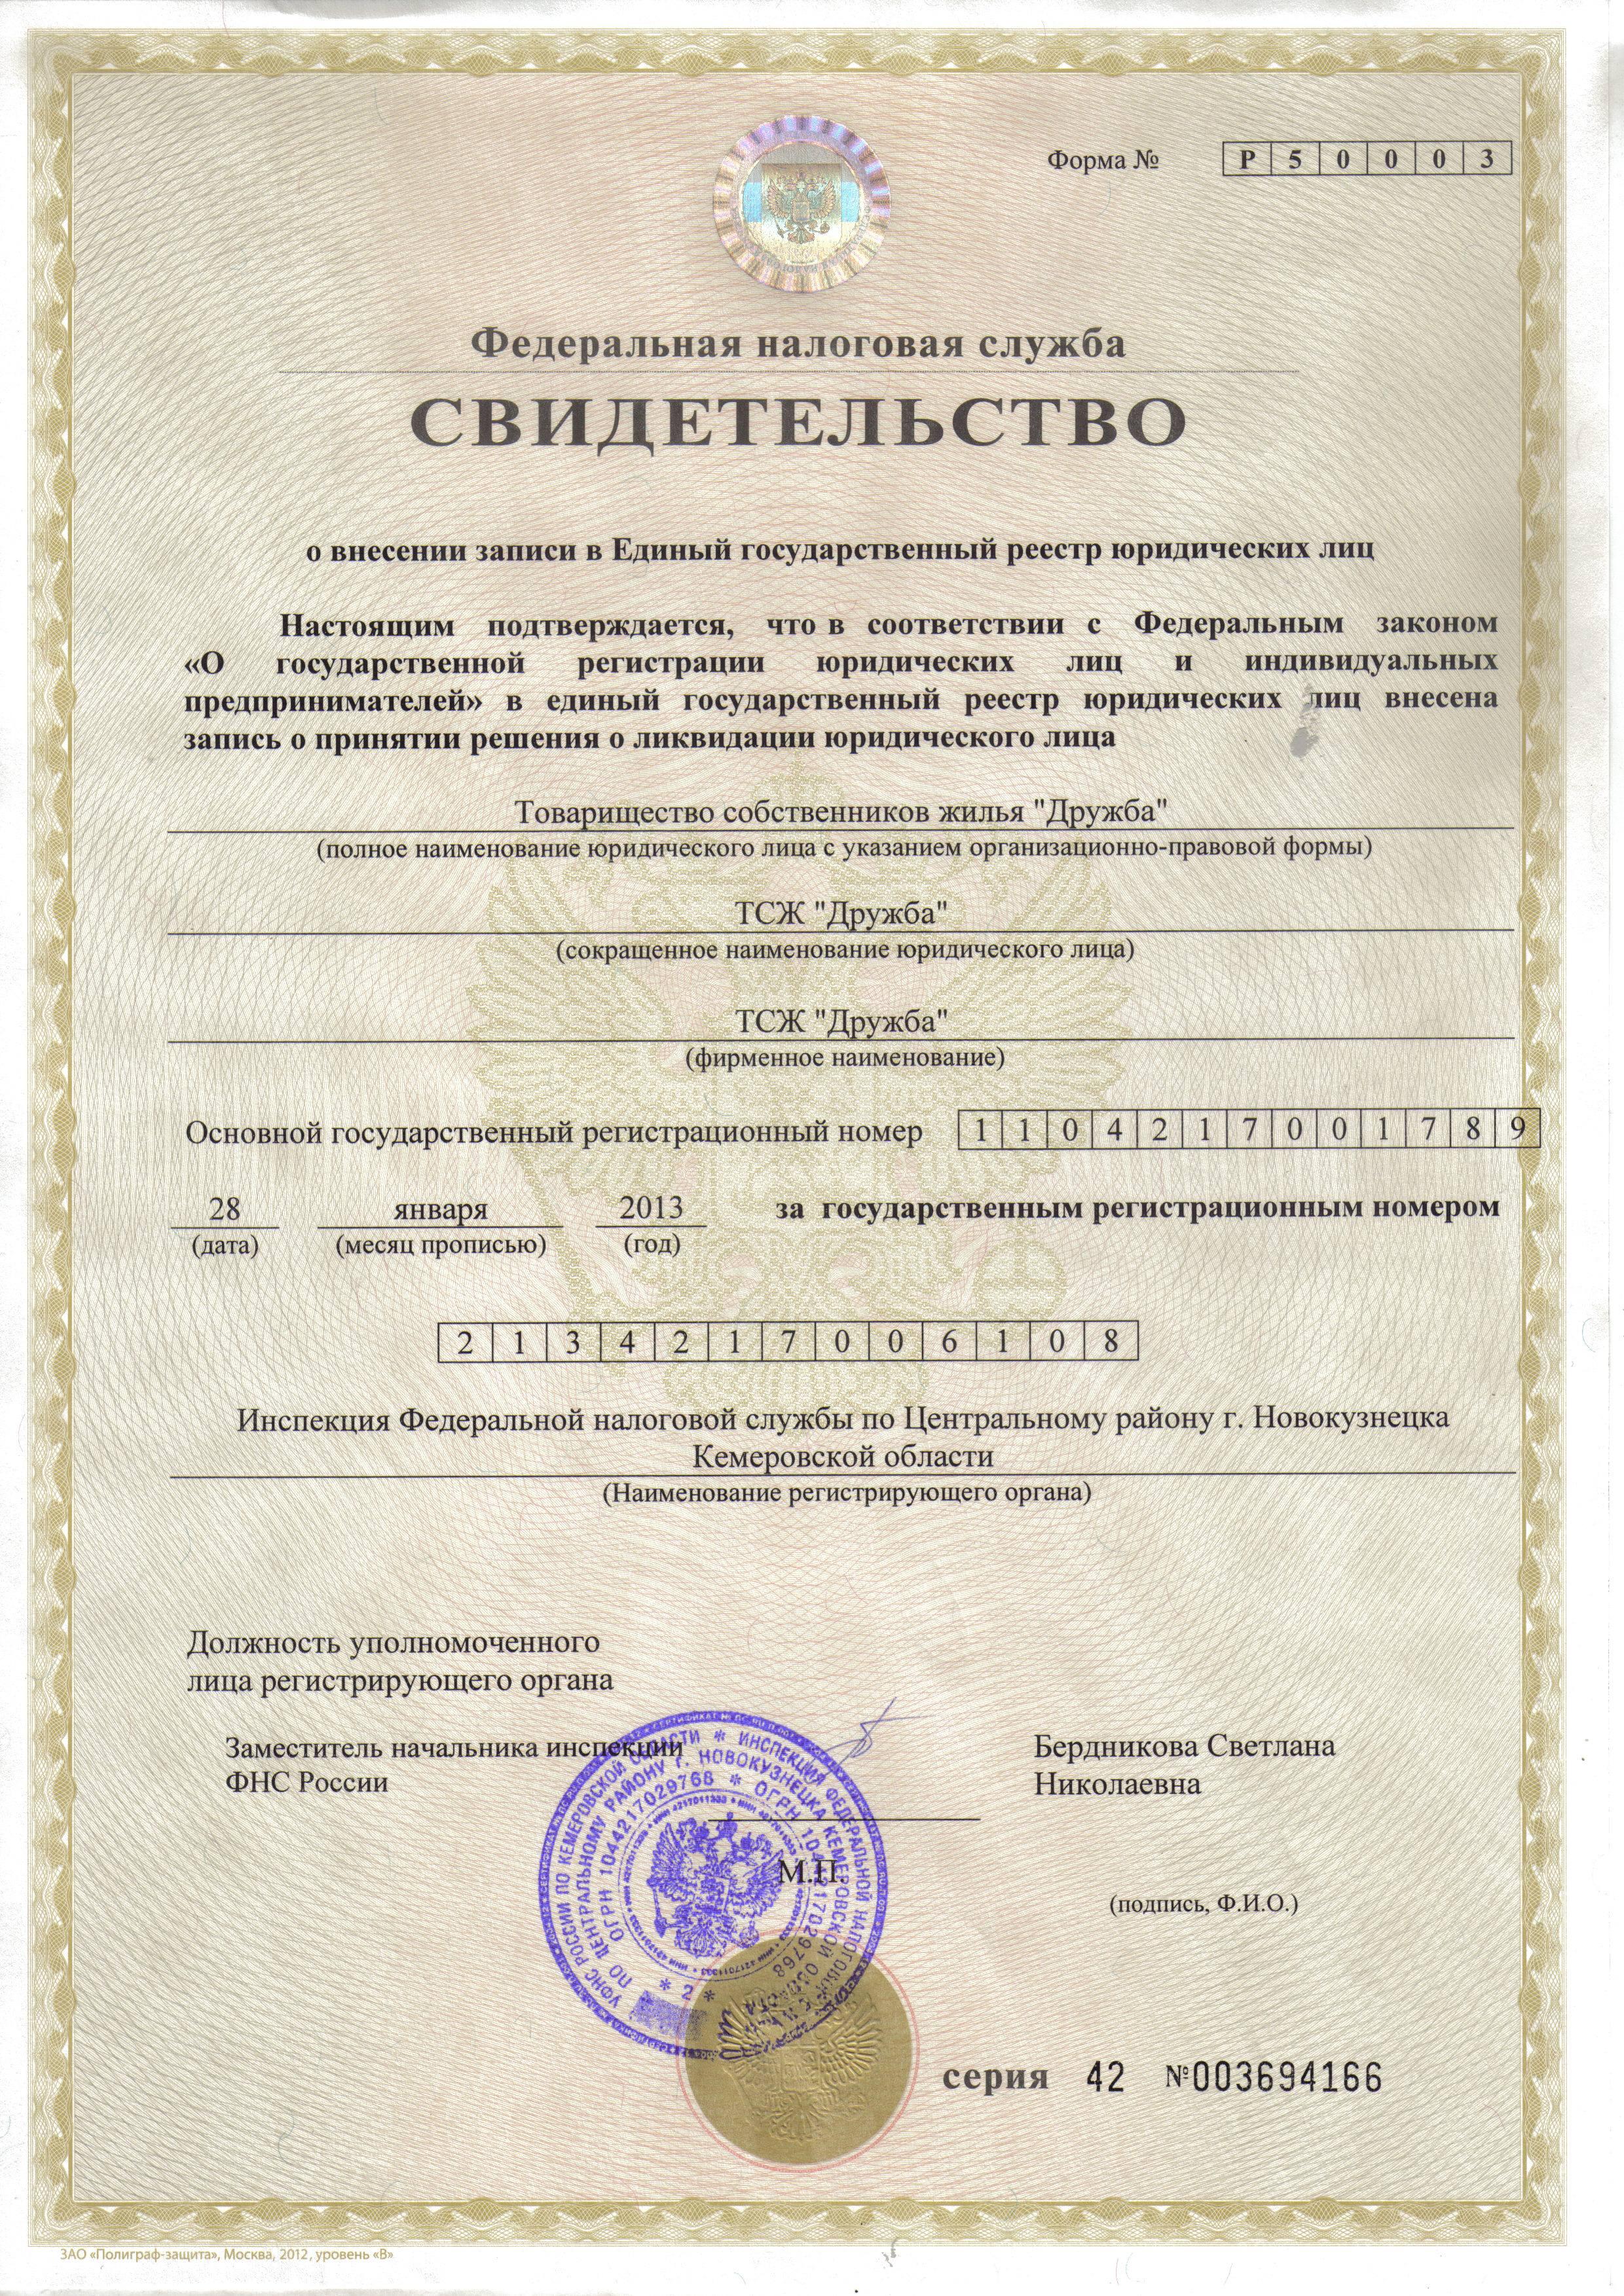 Имеет ли право член тсж ознакомится с документами